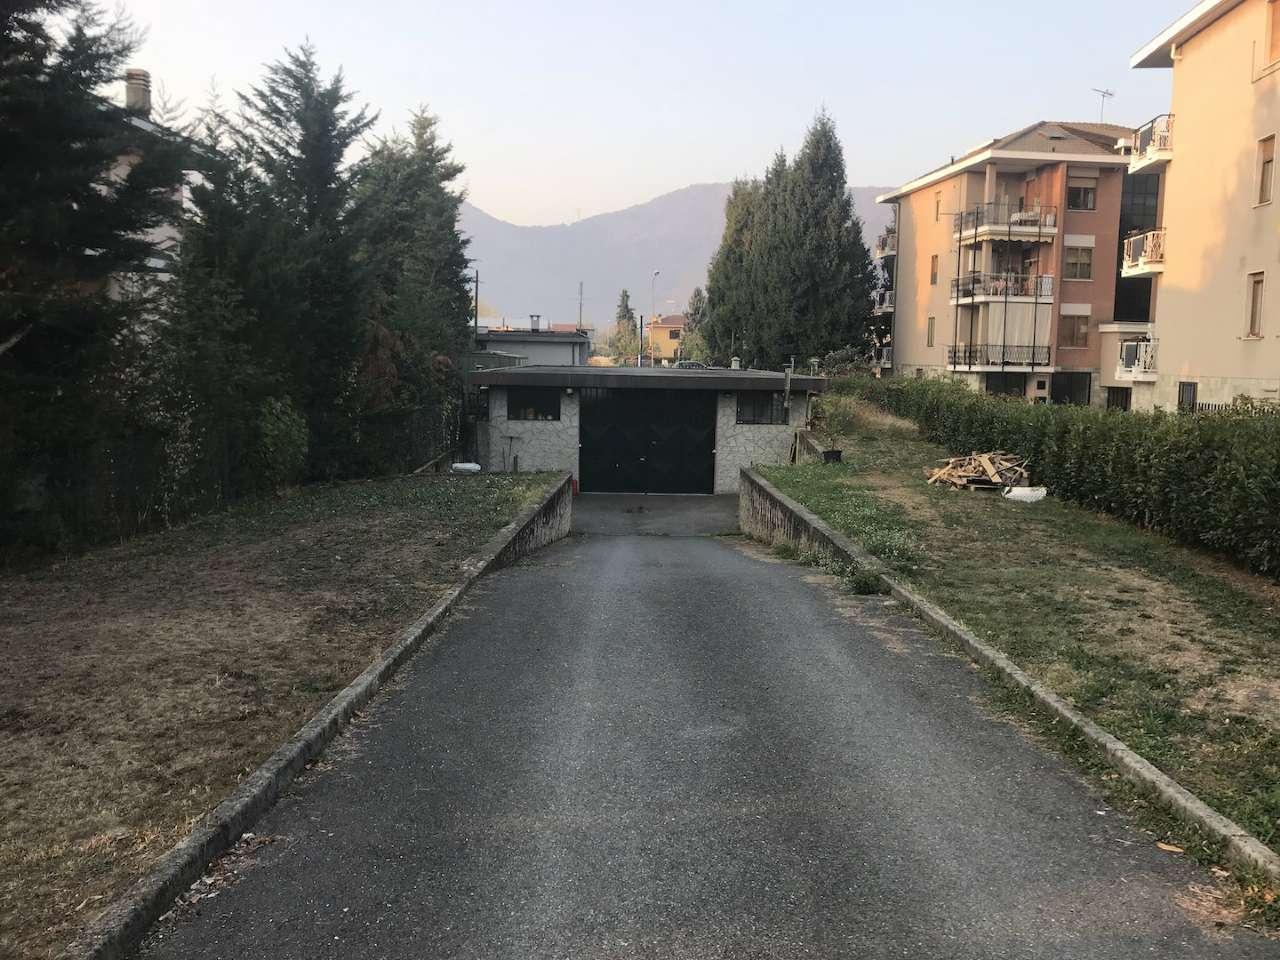 Magazzino in Vendita a Sangano Centro: 1 locali, 146 mq